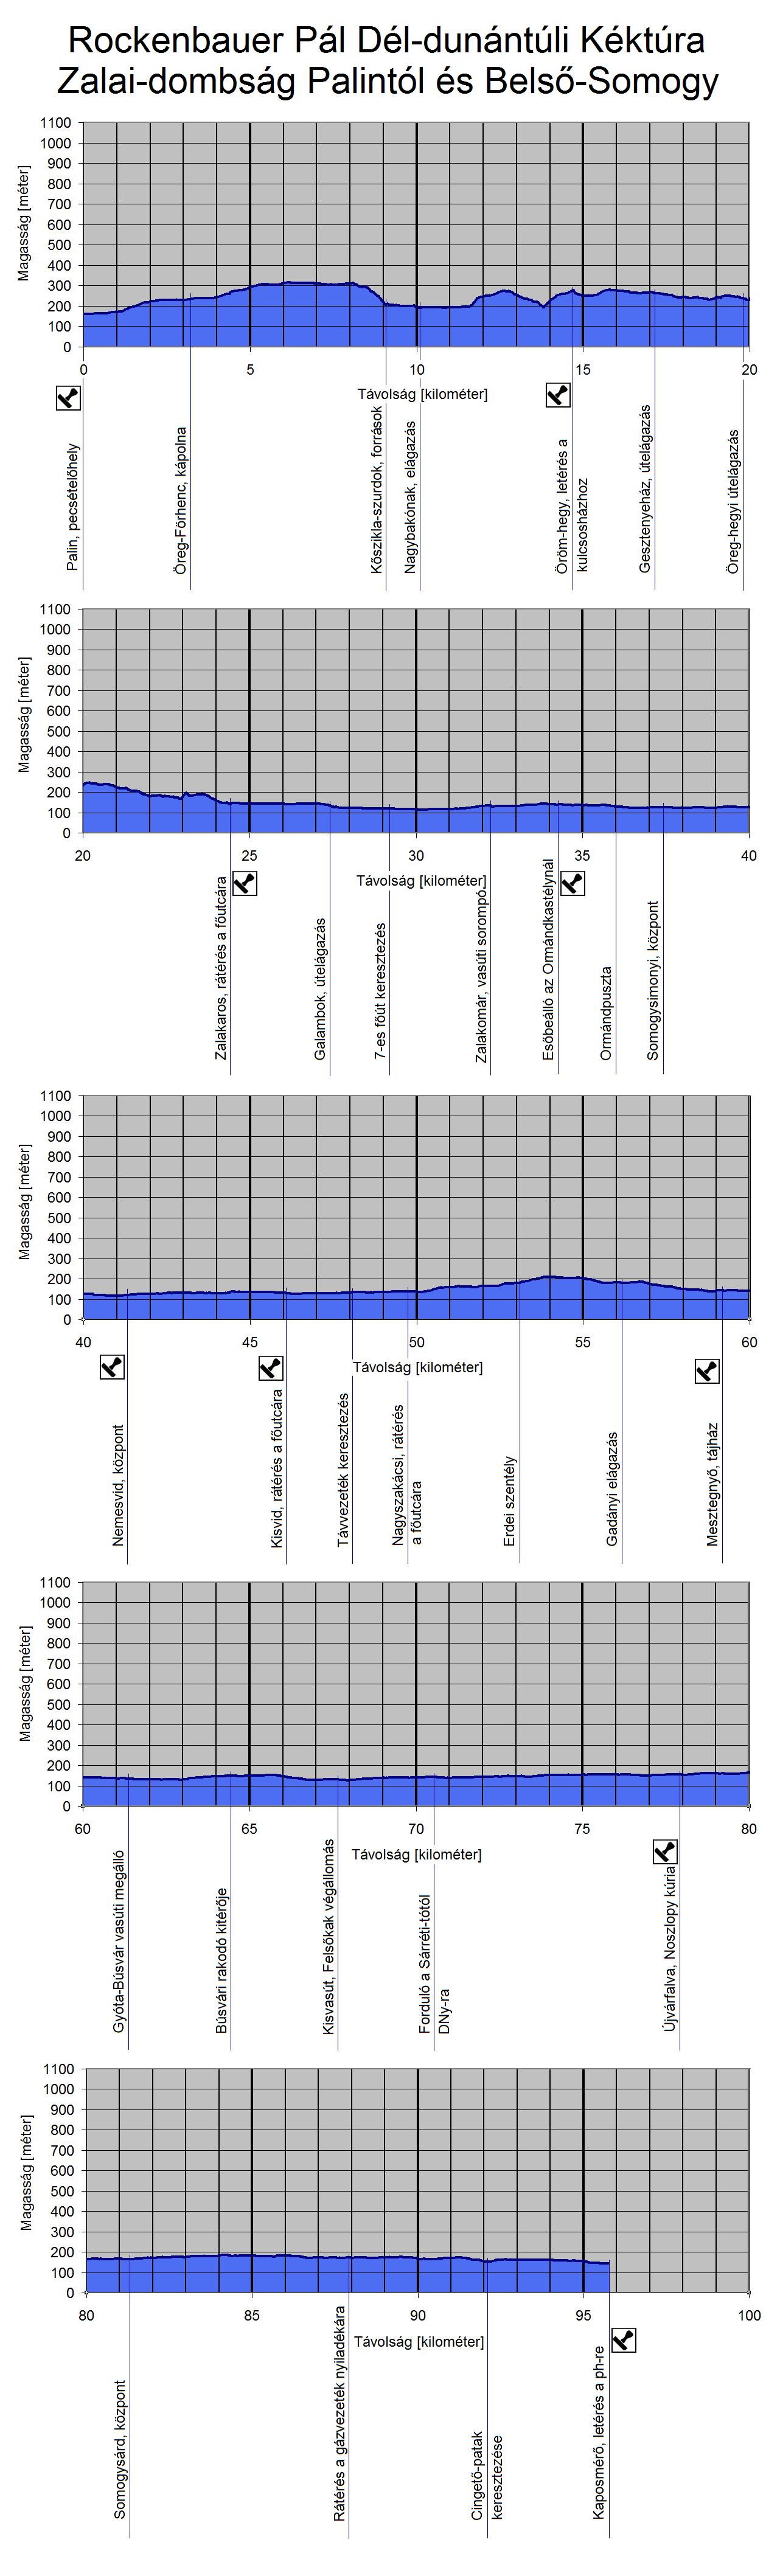 A Rockenbauer Pál Dél-dunántúli Kéktúra útvonalának szintmetszete Belső-Somogyban